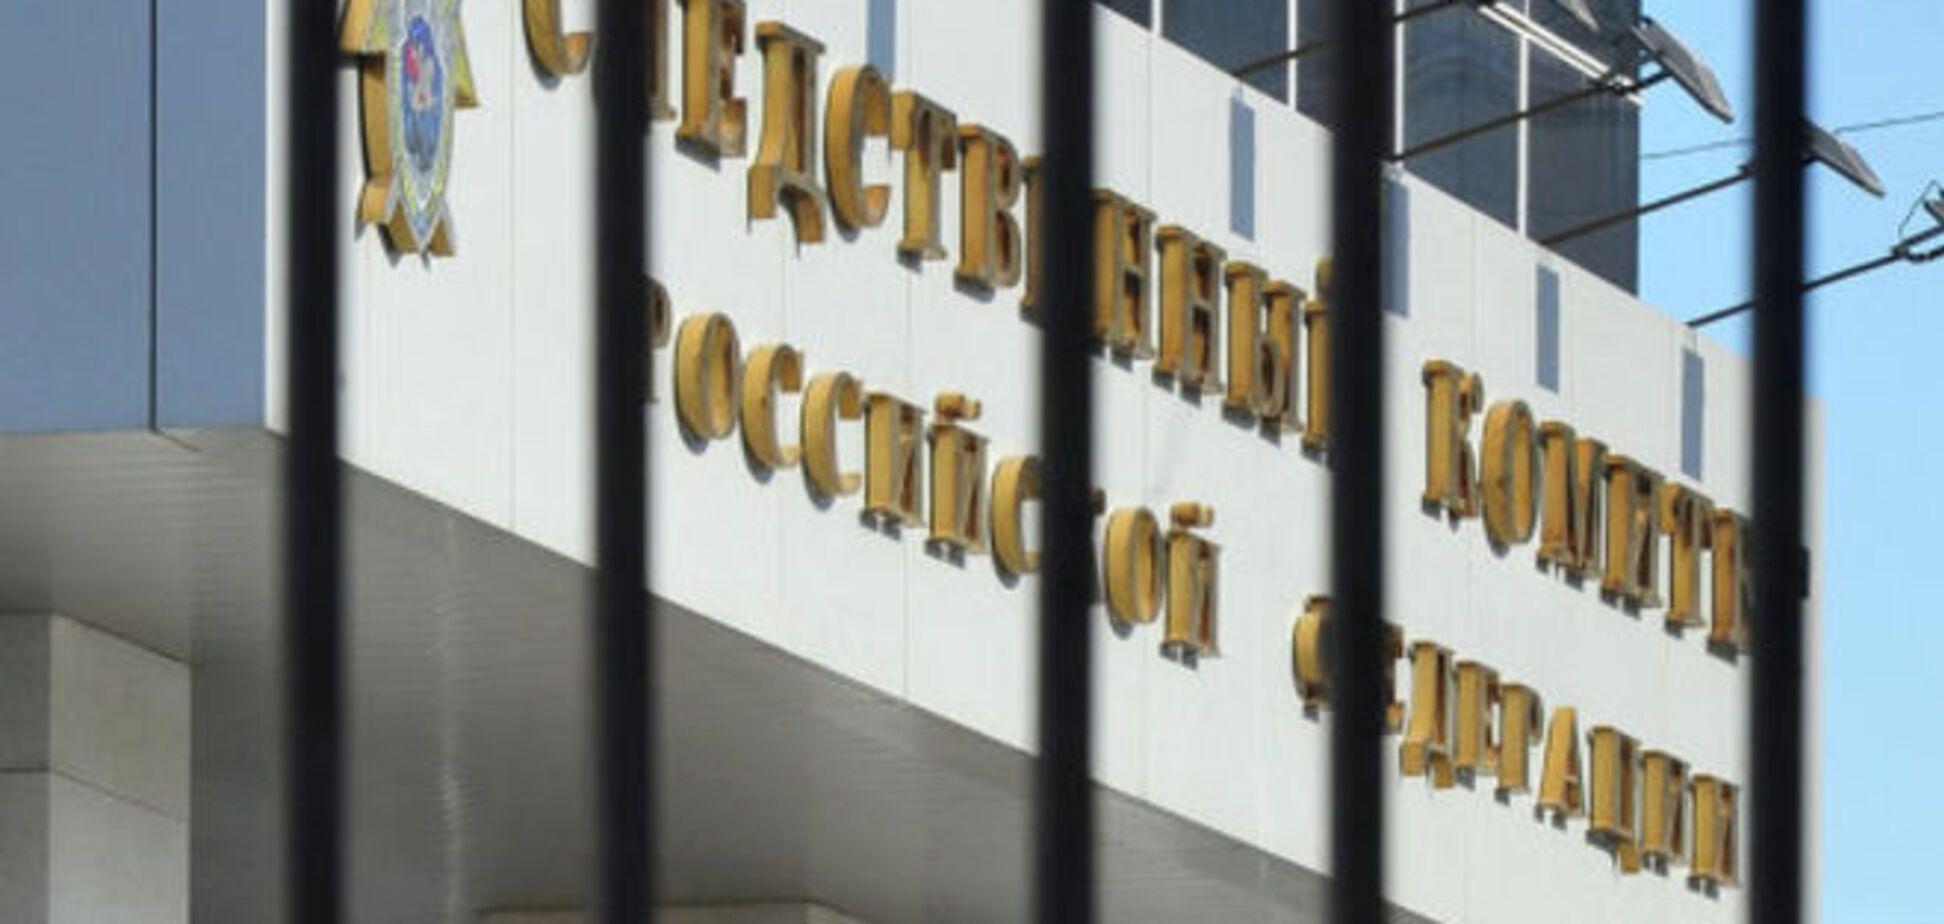 Следком РФ завел против Украины дело за 'осквернение воинской славы России'